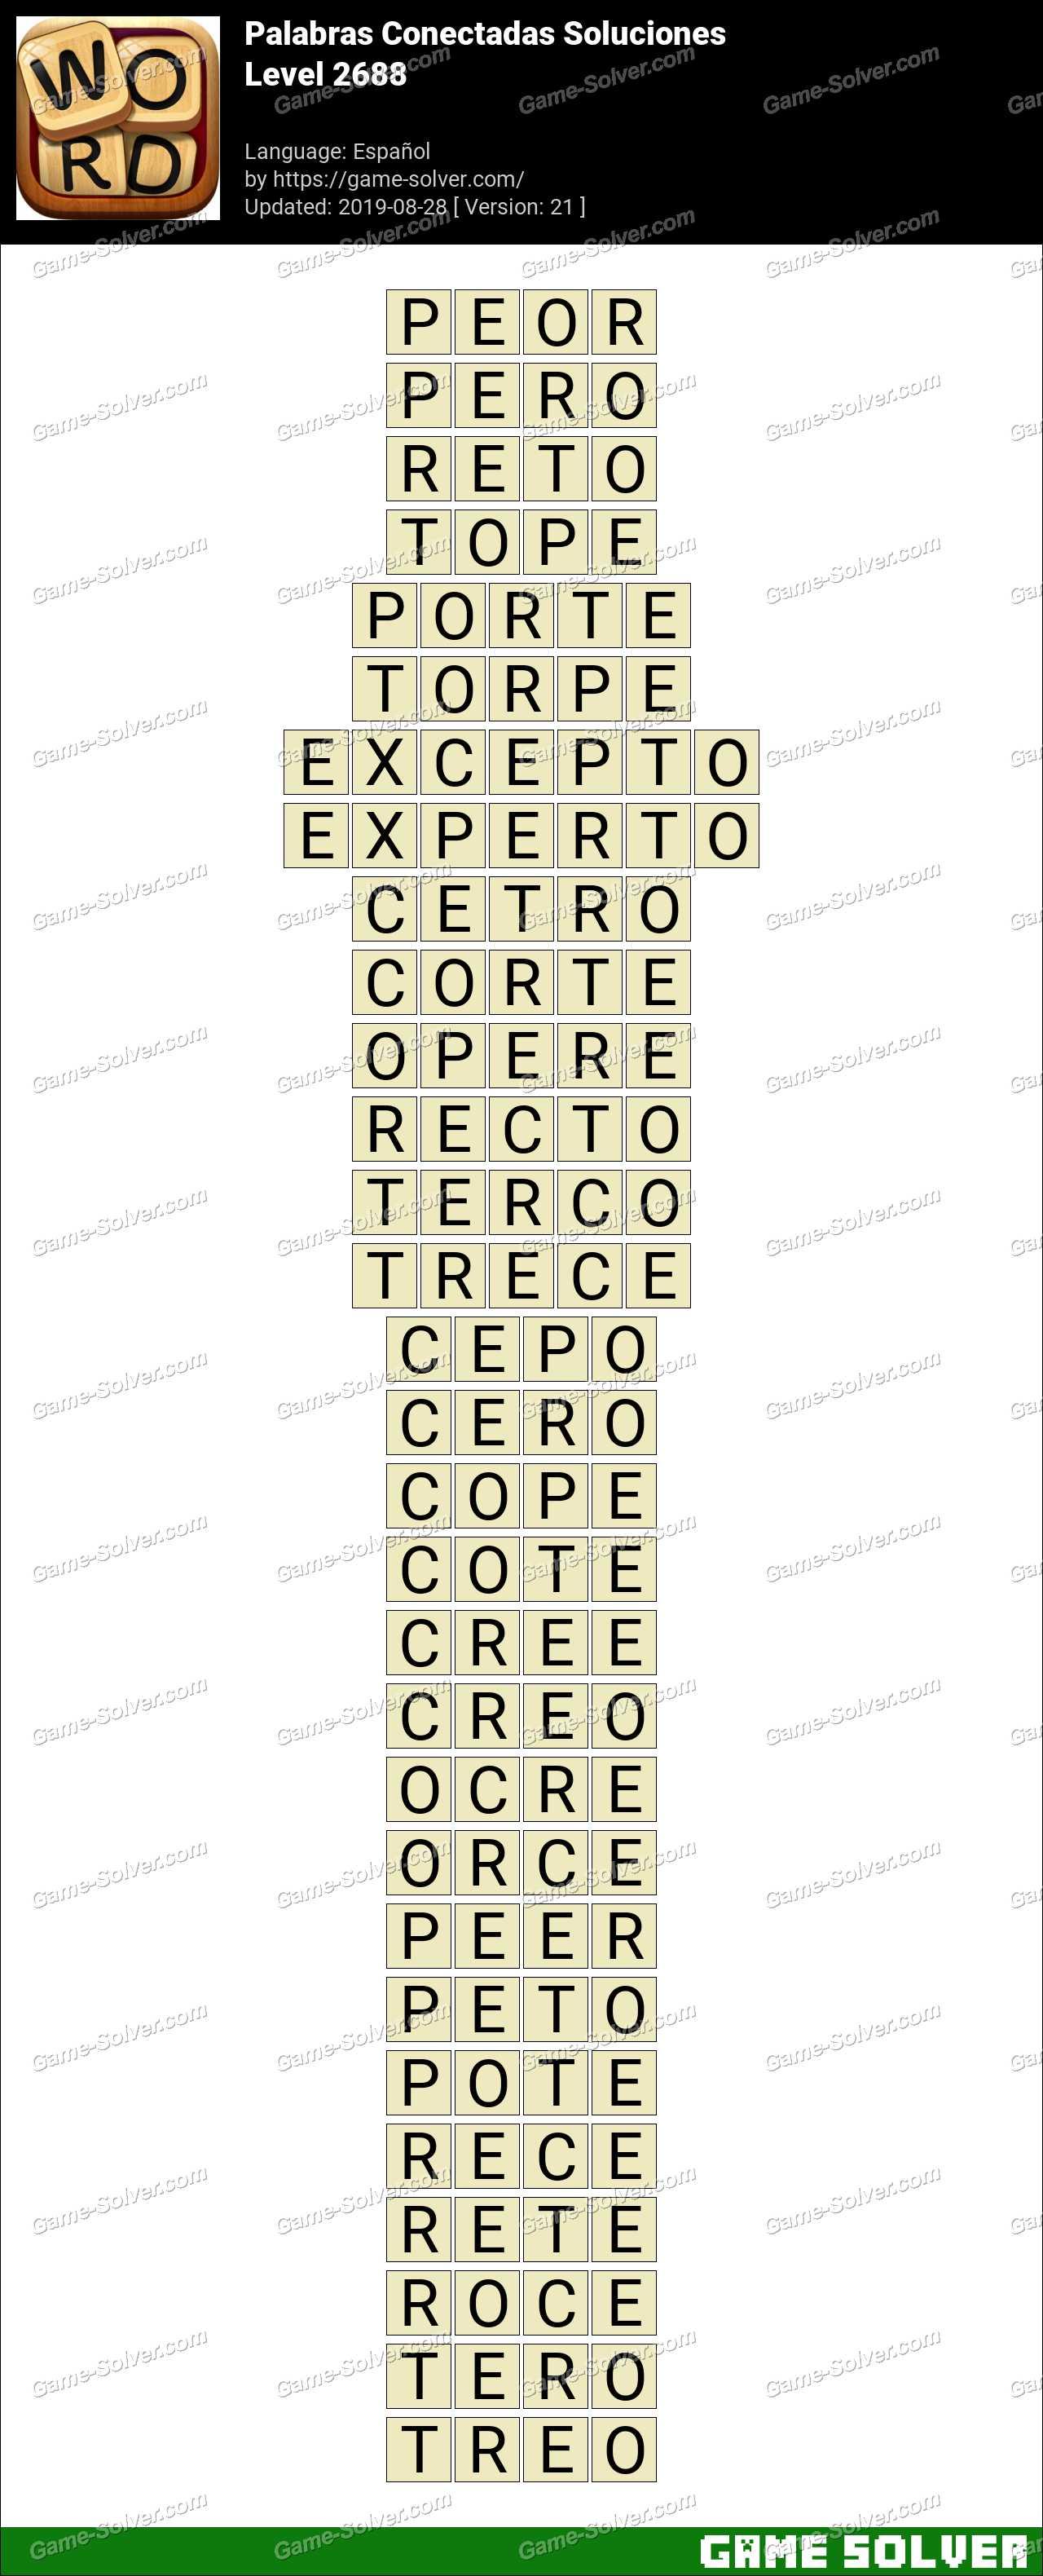 Palabras Conectadas Nivel 2688 Soluciones